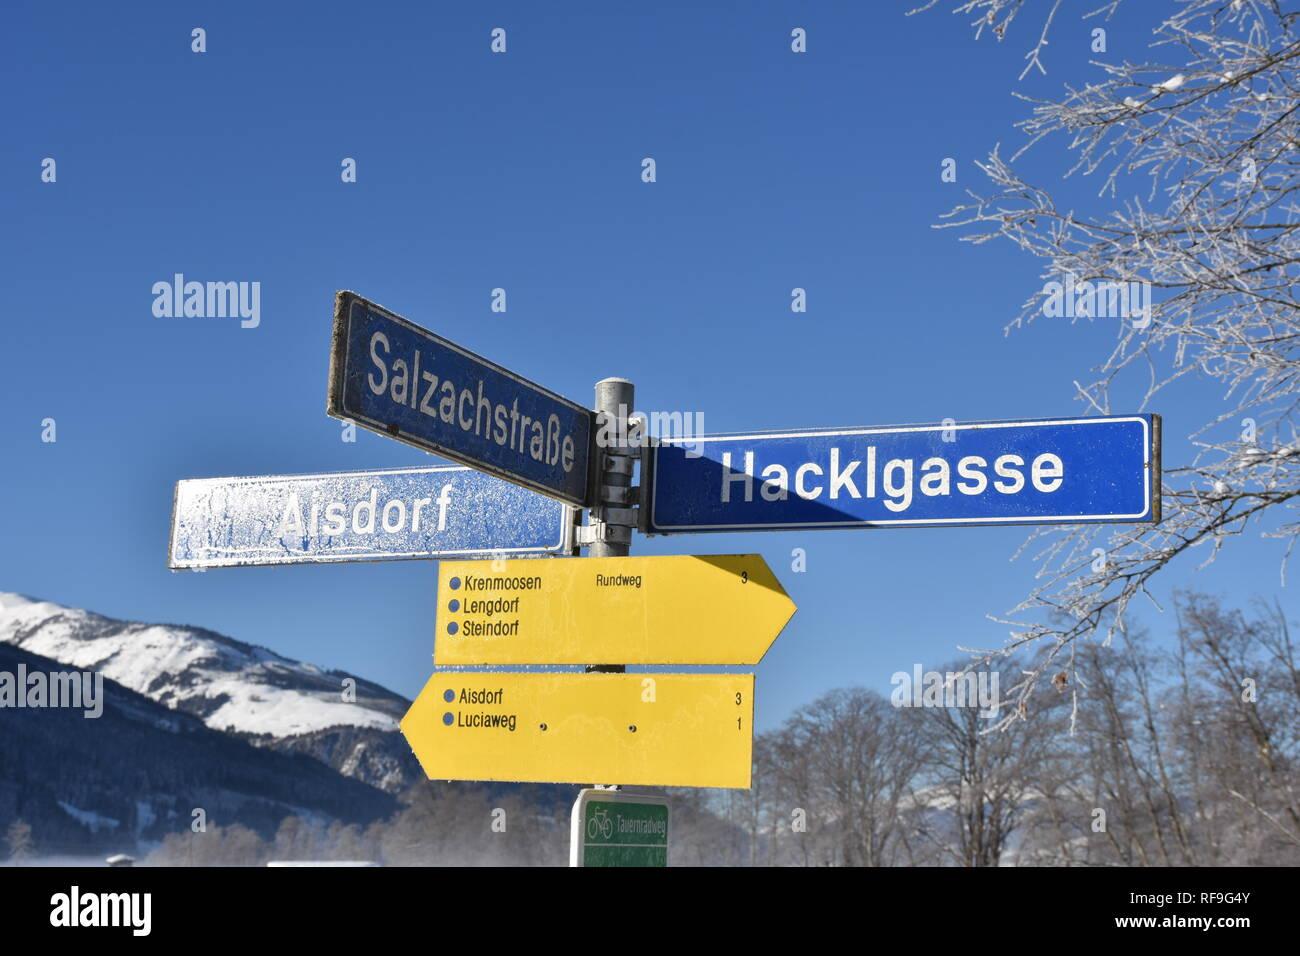 Salzburg, Pinzgau, Zell am See, Wegweiser, Verkehrszeichen, Straßenbezeichnung, Wanderweg, wandern, Tafel, Schild, Zeichen, Richtung, Pfeil, Lengdorf, - Stock Image